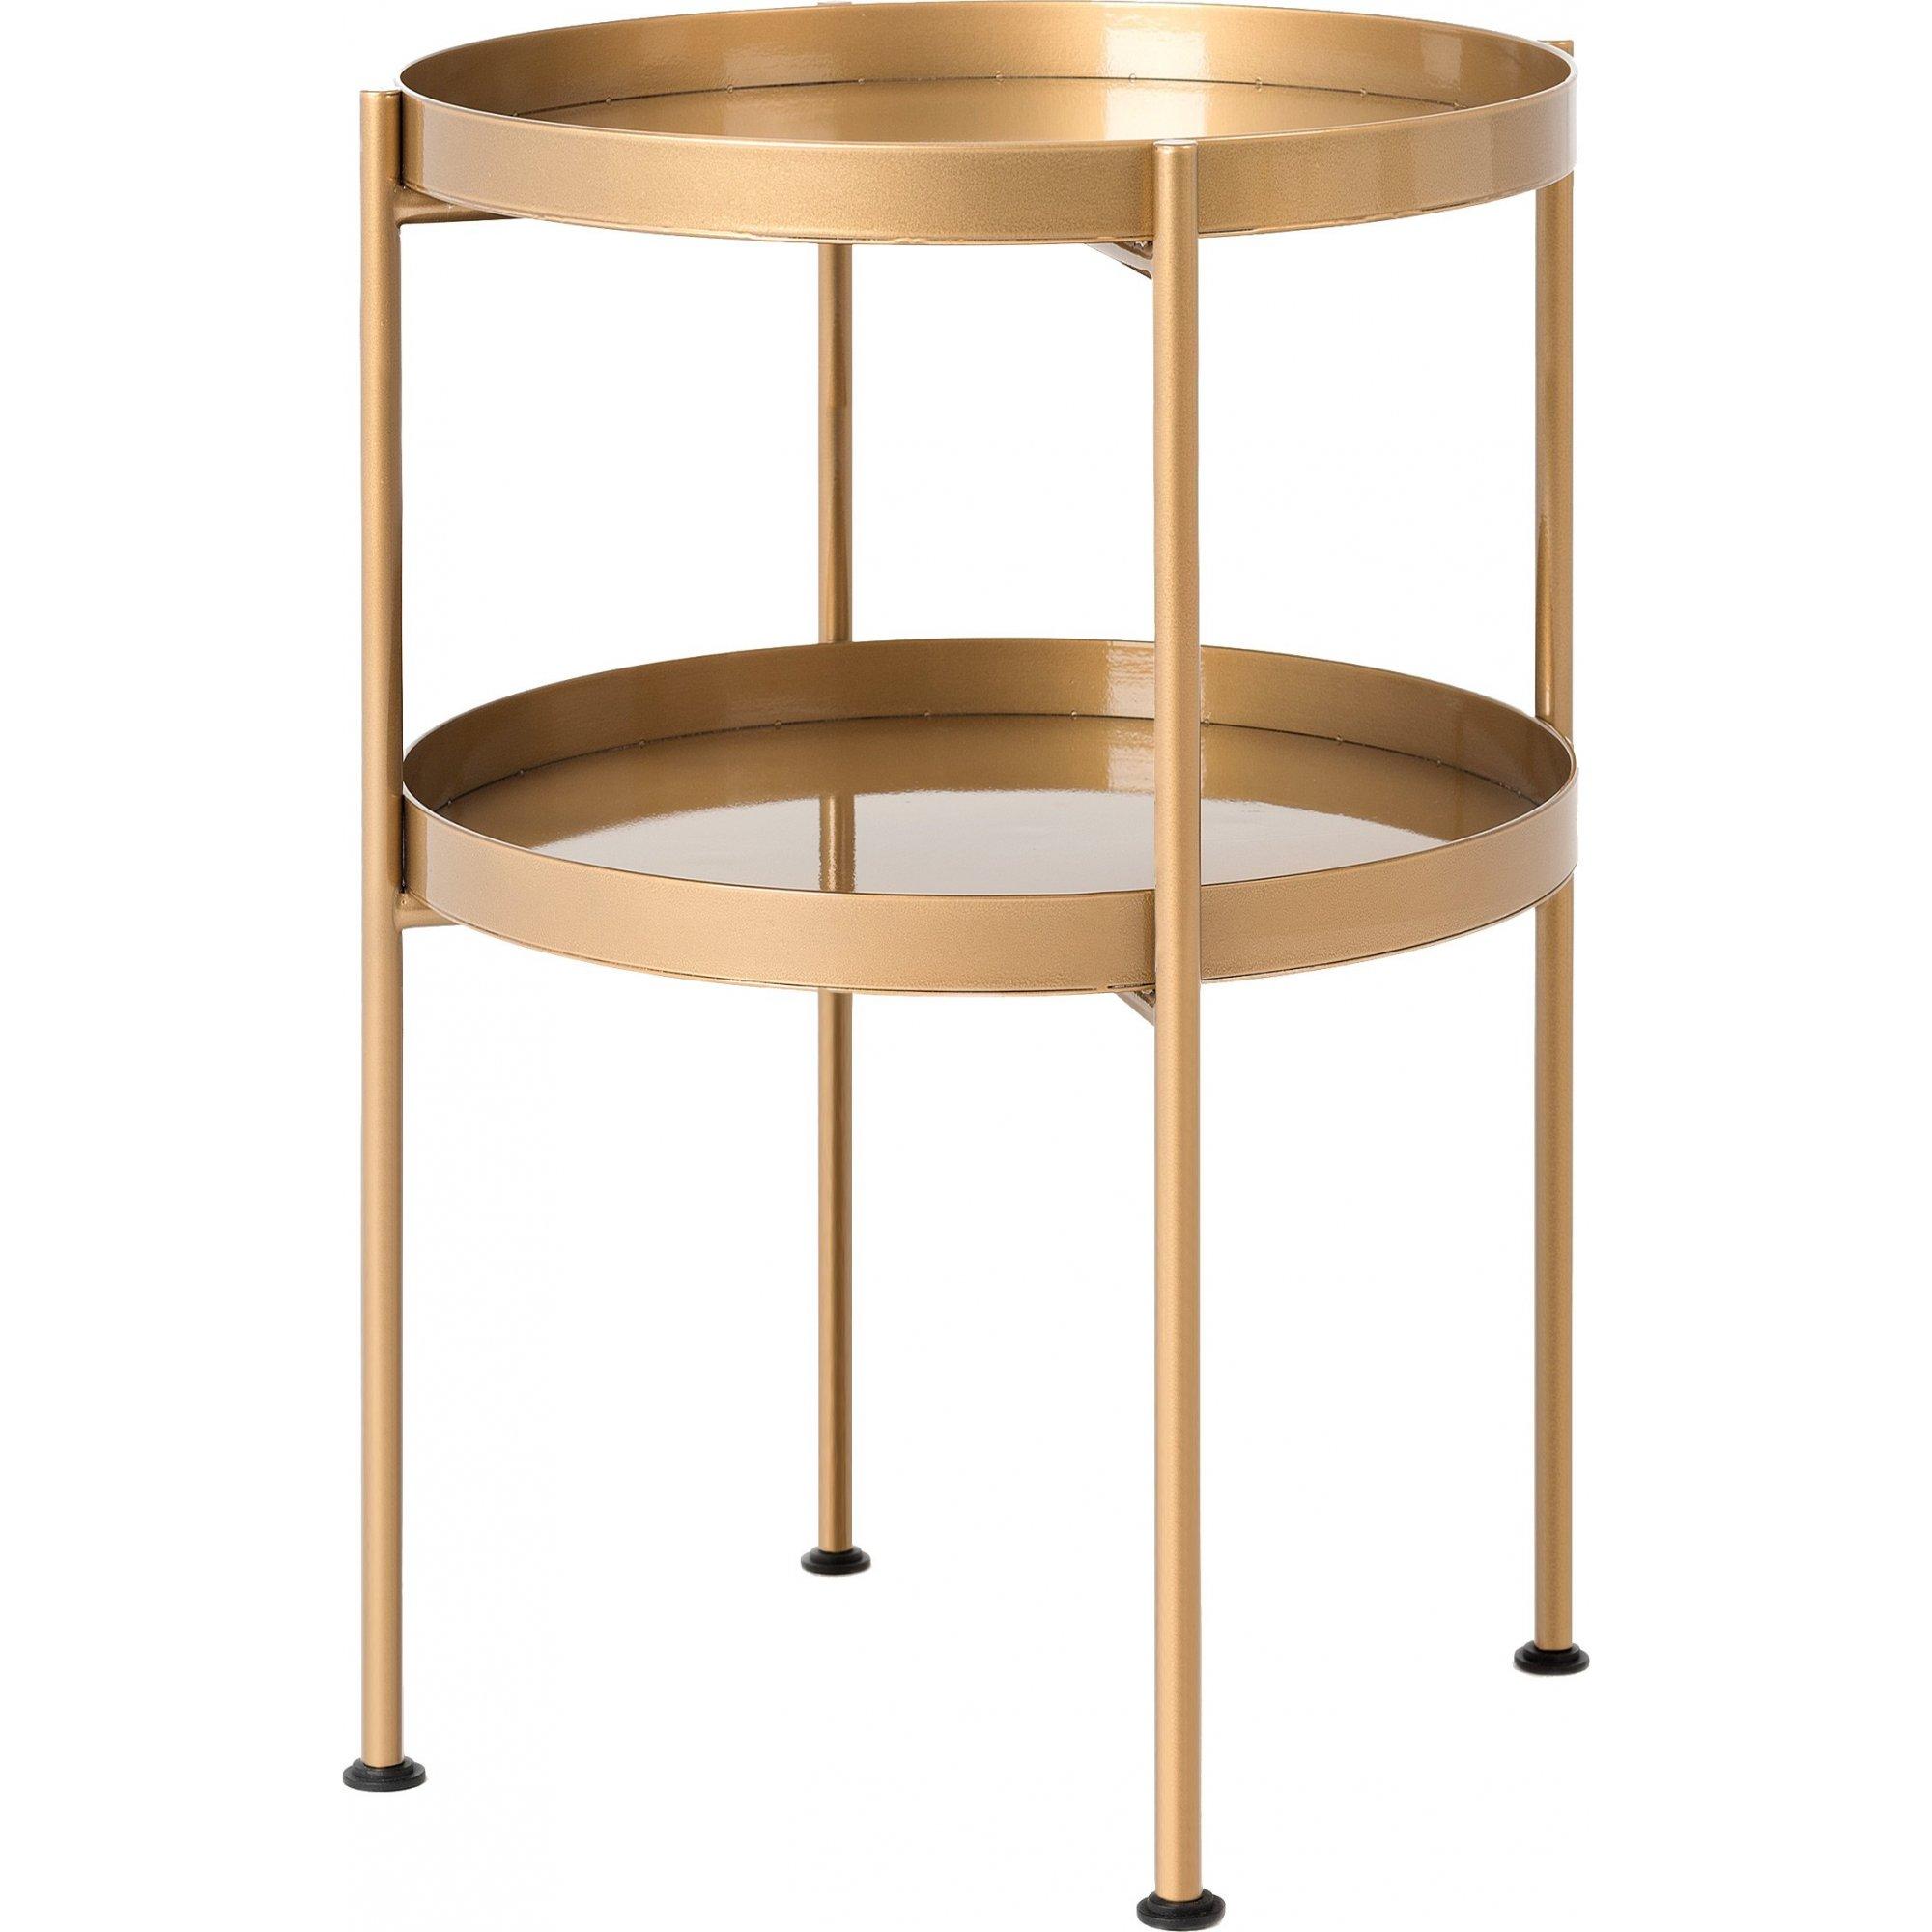 Table d'appoint ronde 2 plateaux doré d40cm